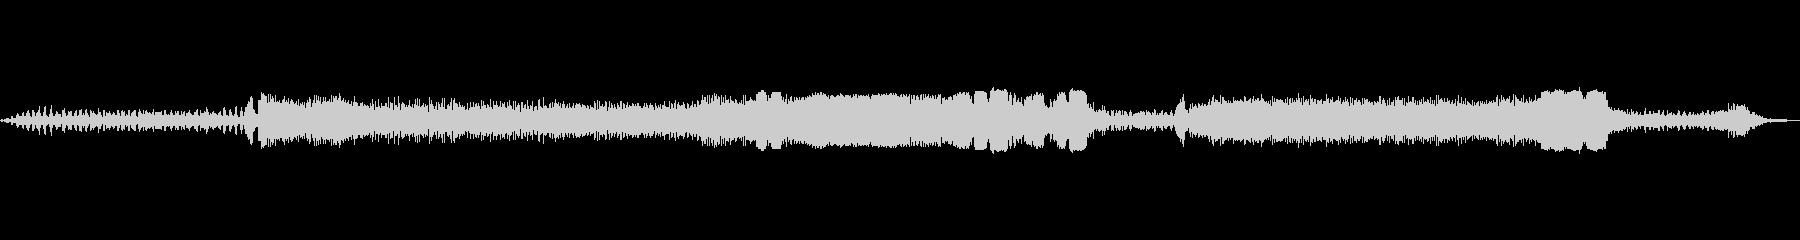 プロストックレースカー:REVSの...の未再生の波形